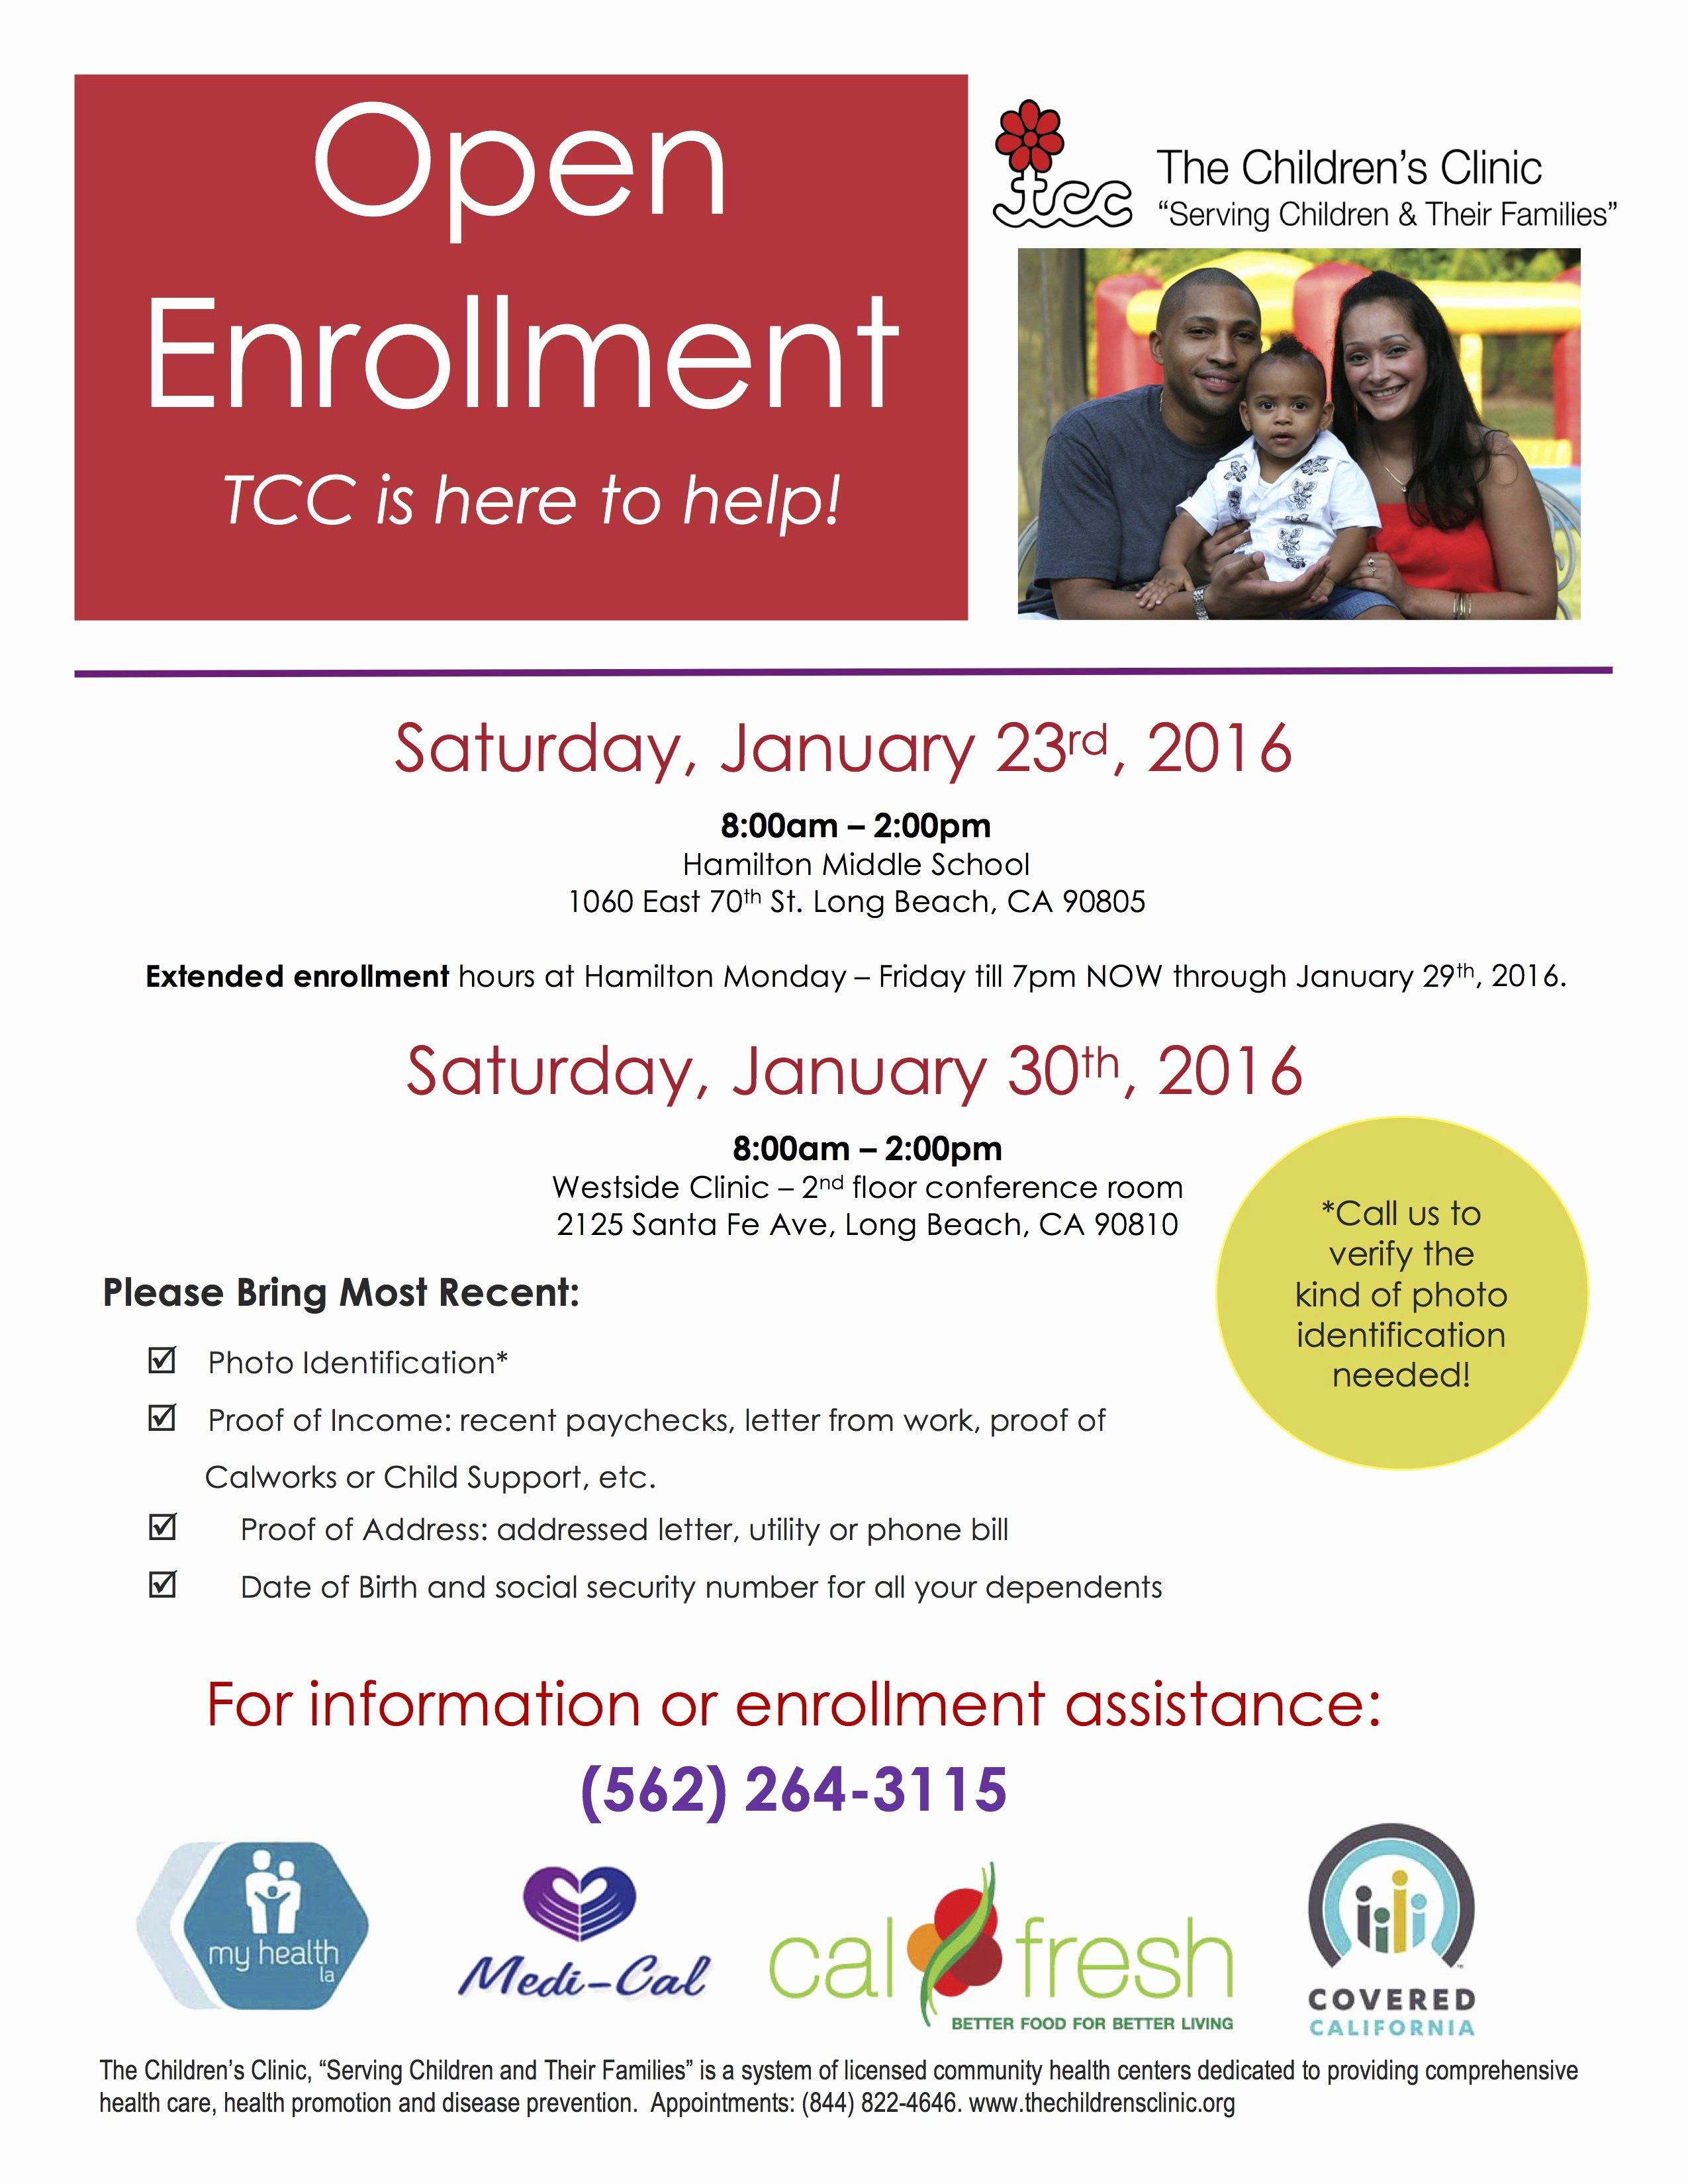 Open Enrollment Announcement Letter Unique the Childrens Clinic Open Enrollment 2016 Eng